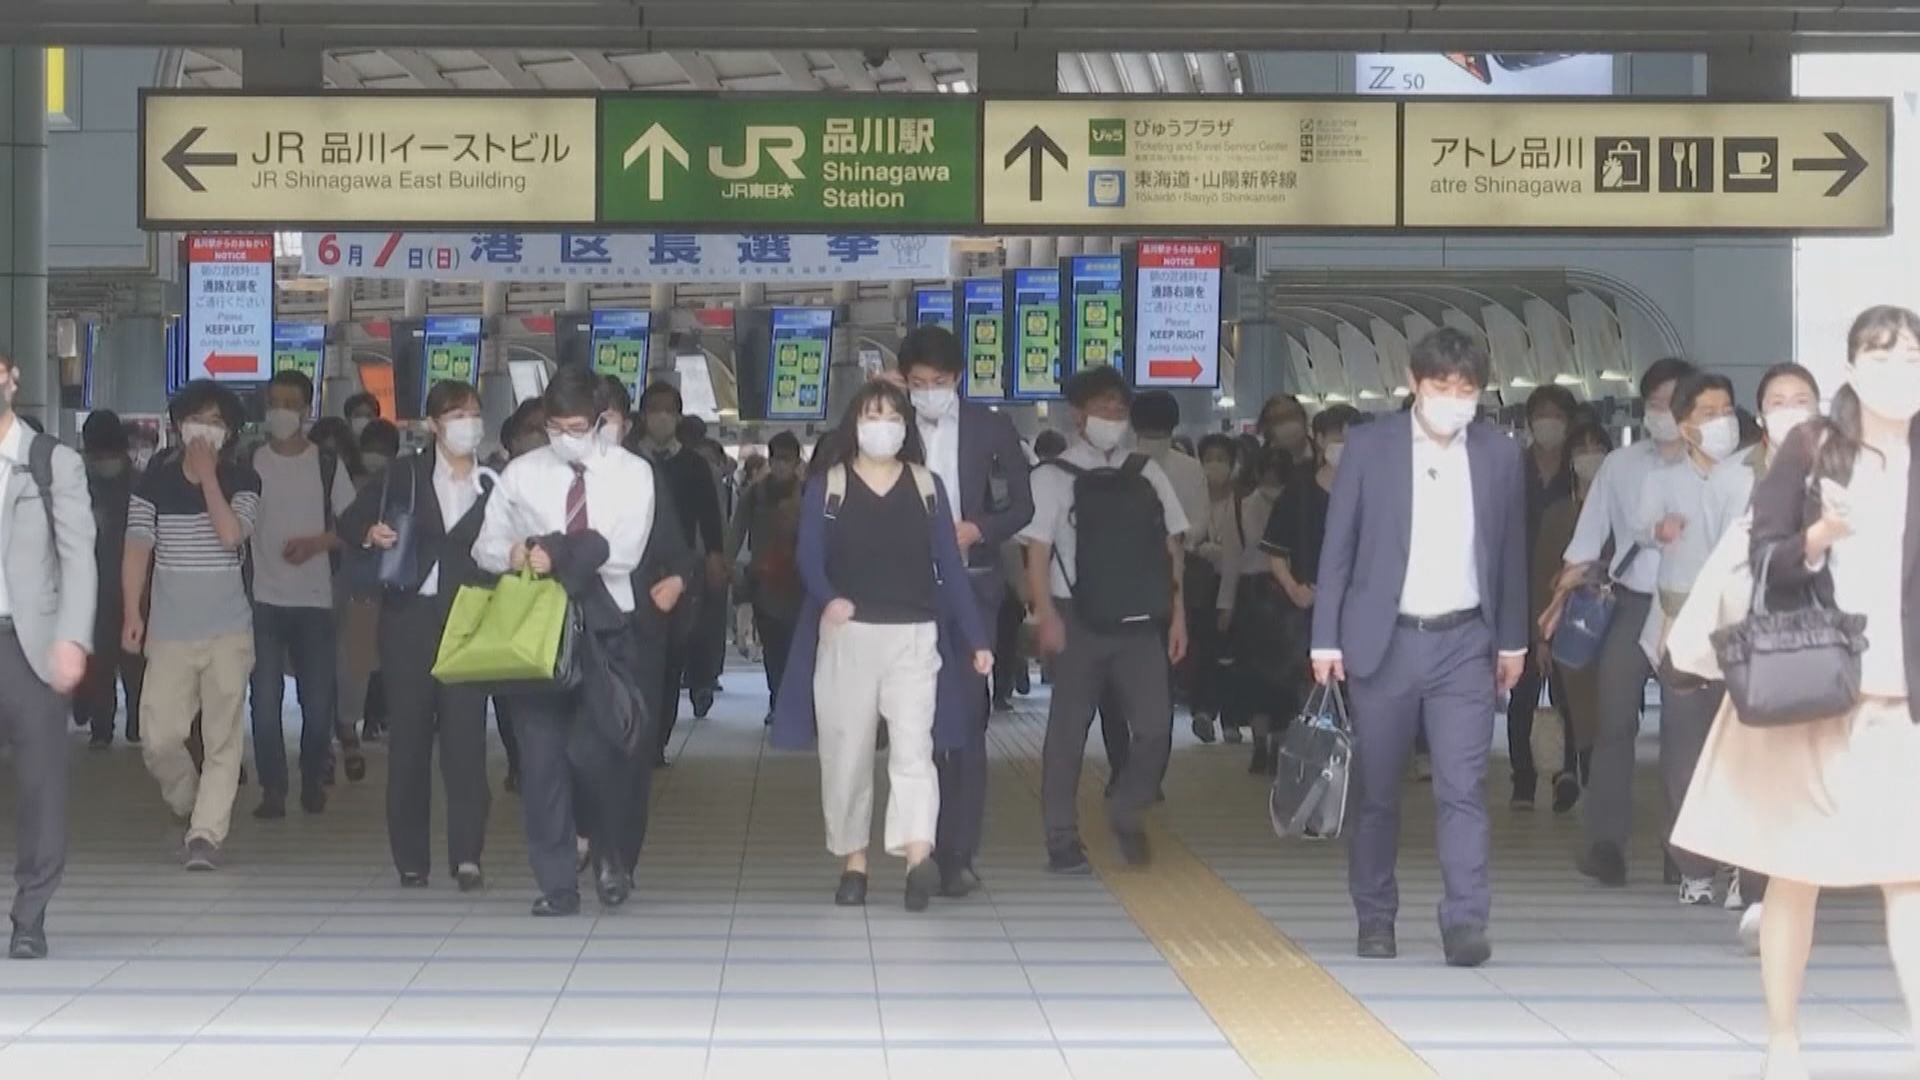 據報日本政府或再向東京都頒布緊急狀態令